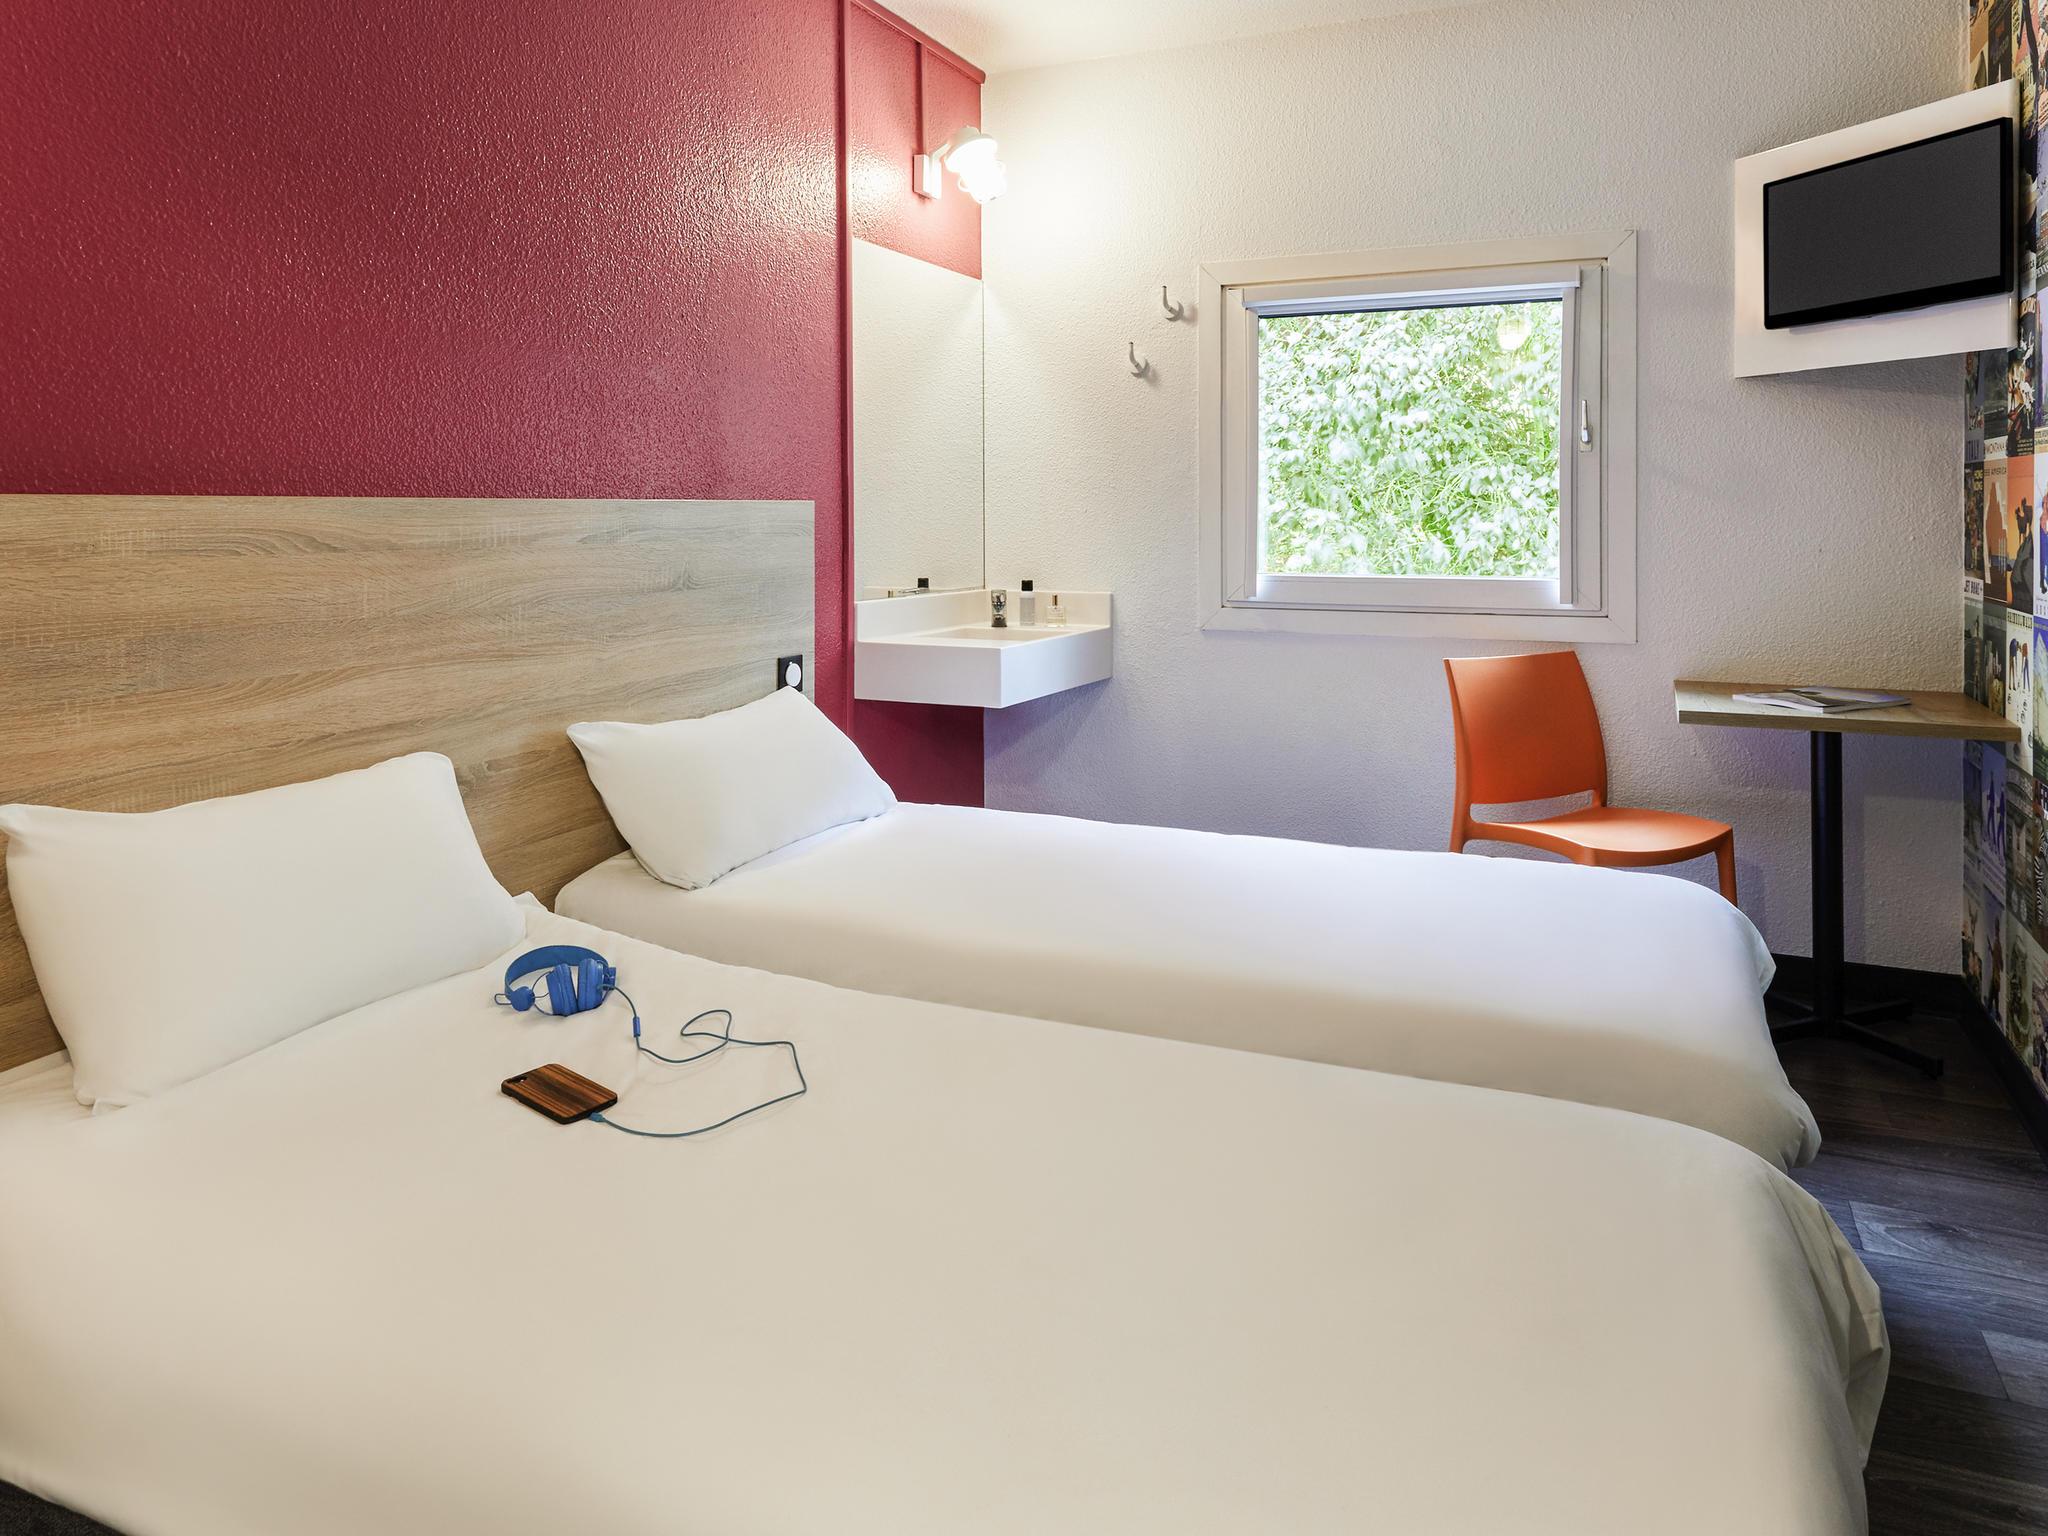 Otel – hotelF1 Saint-Étienne